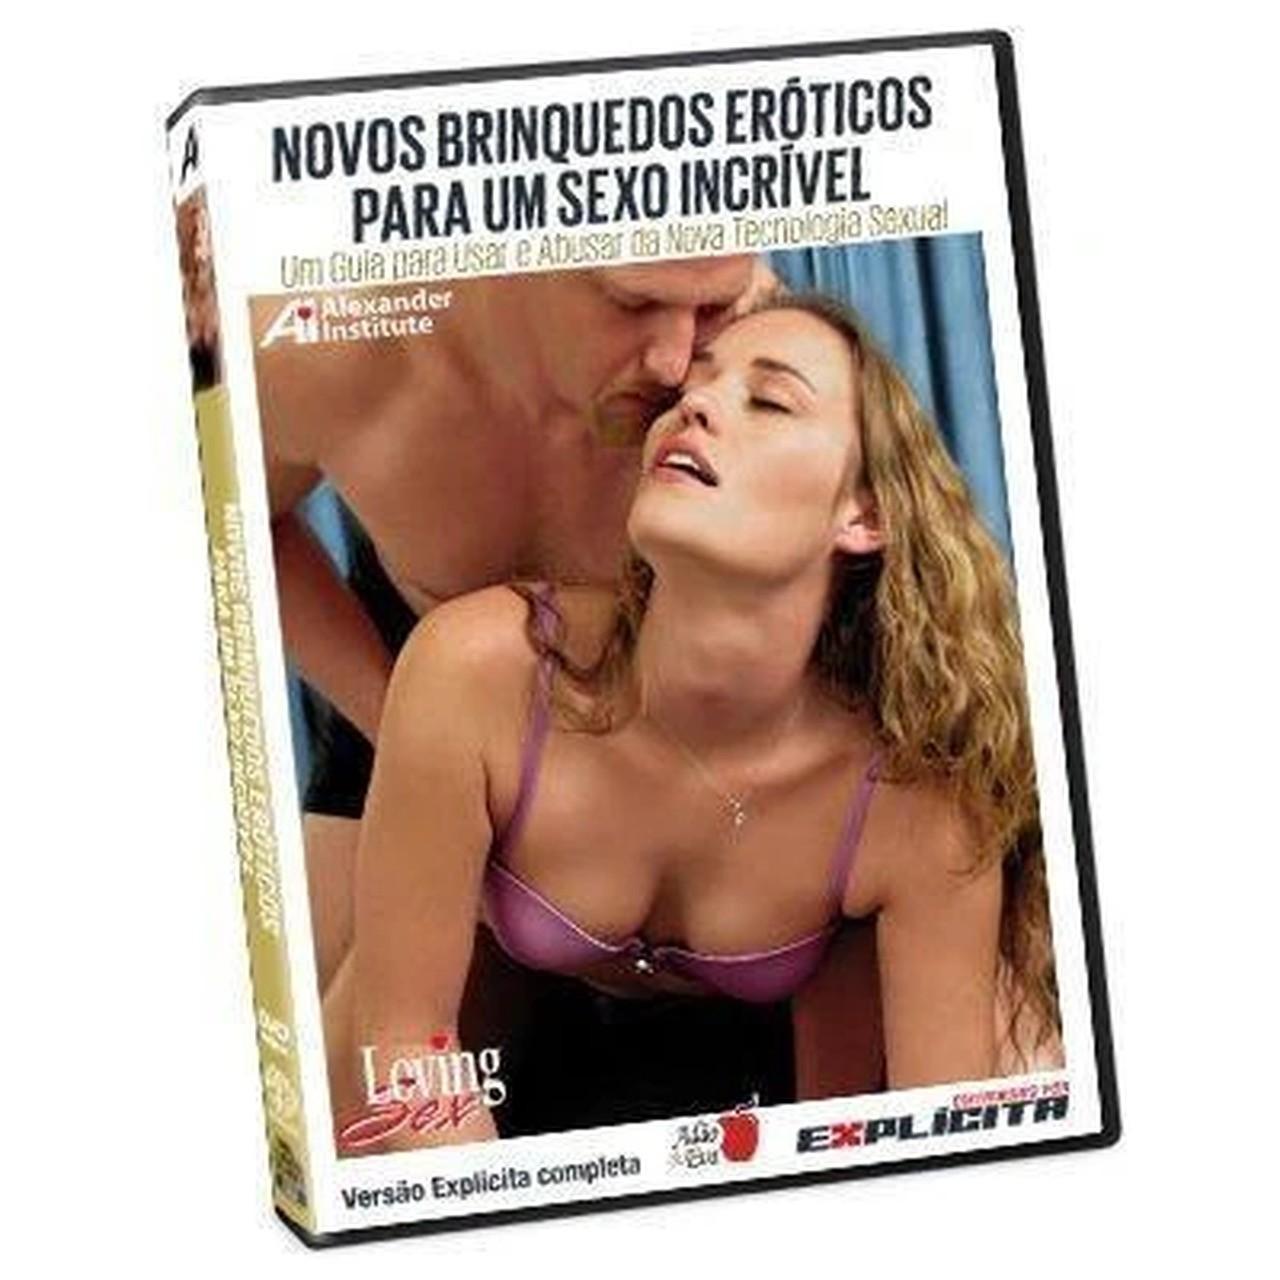 DVD Novos Brinquedos Eróticos para um Sexo Incrível